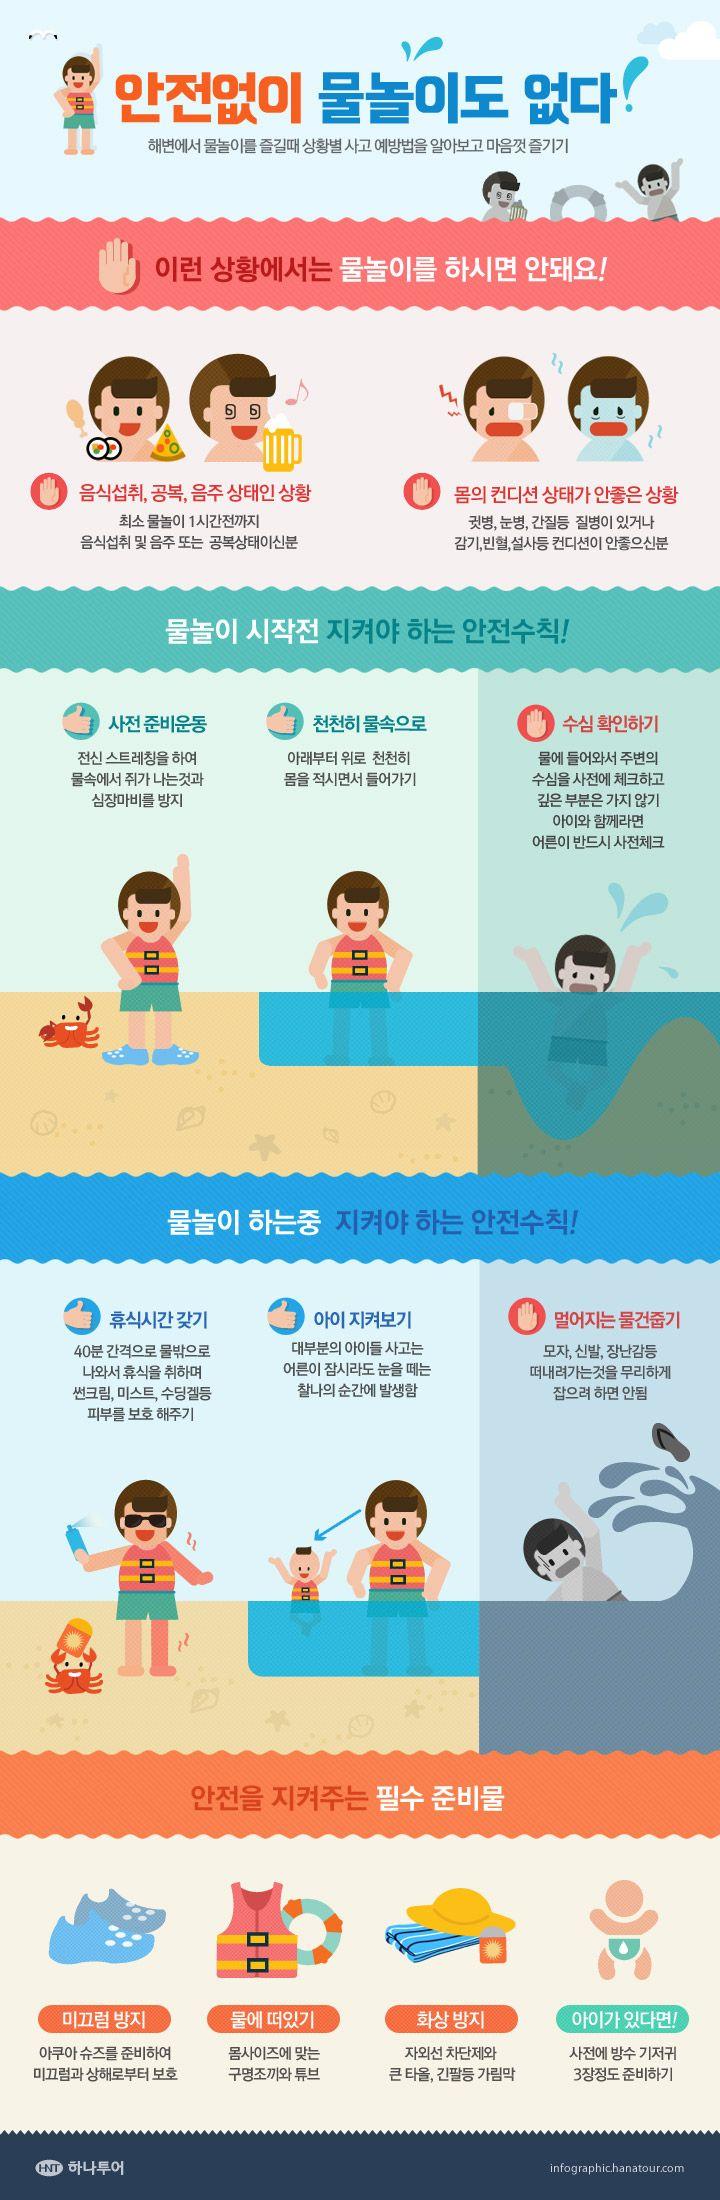 '안전 없이 물놀이도 없다!' 해변에서 물놀이를 즐길때 사고 예방법에 관한 인포그래픽